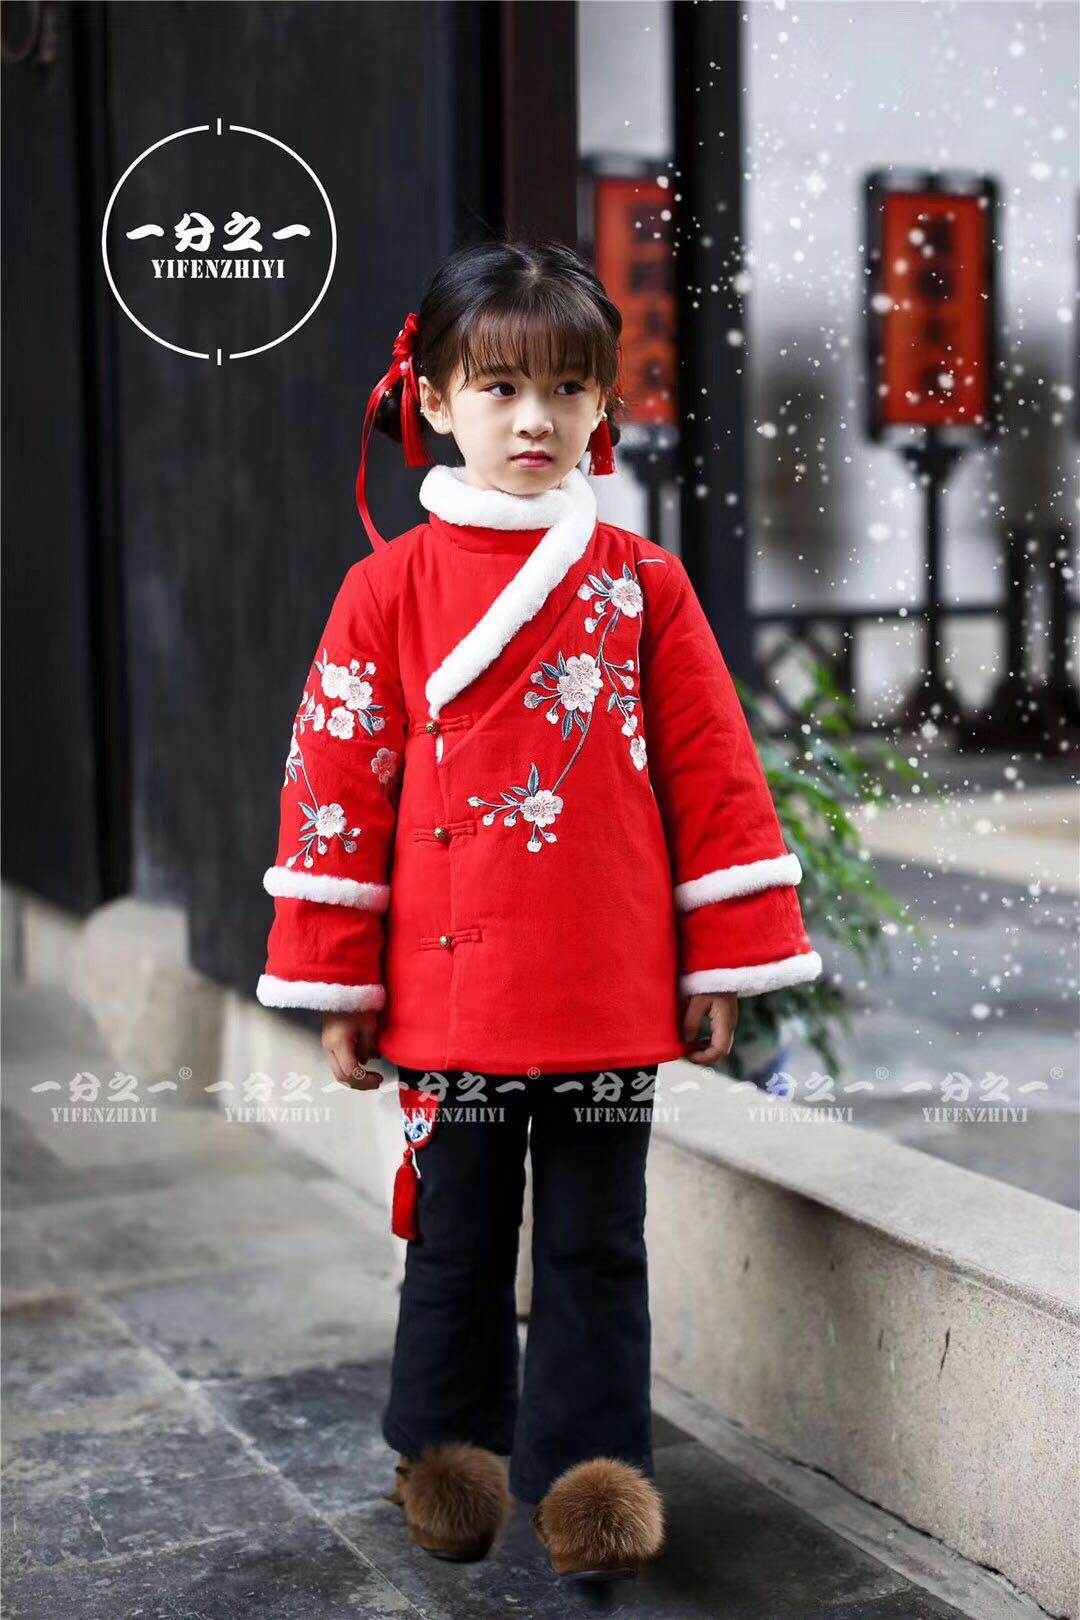 中国风品牌净面包边汉服古装套装刺绣喇叭裤加棉精致斜襟